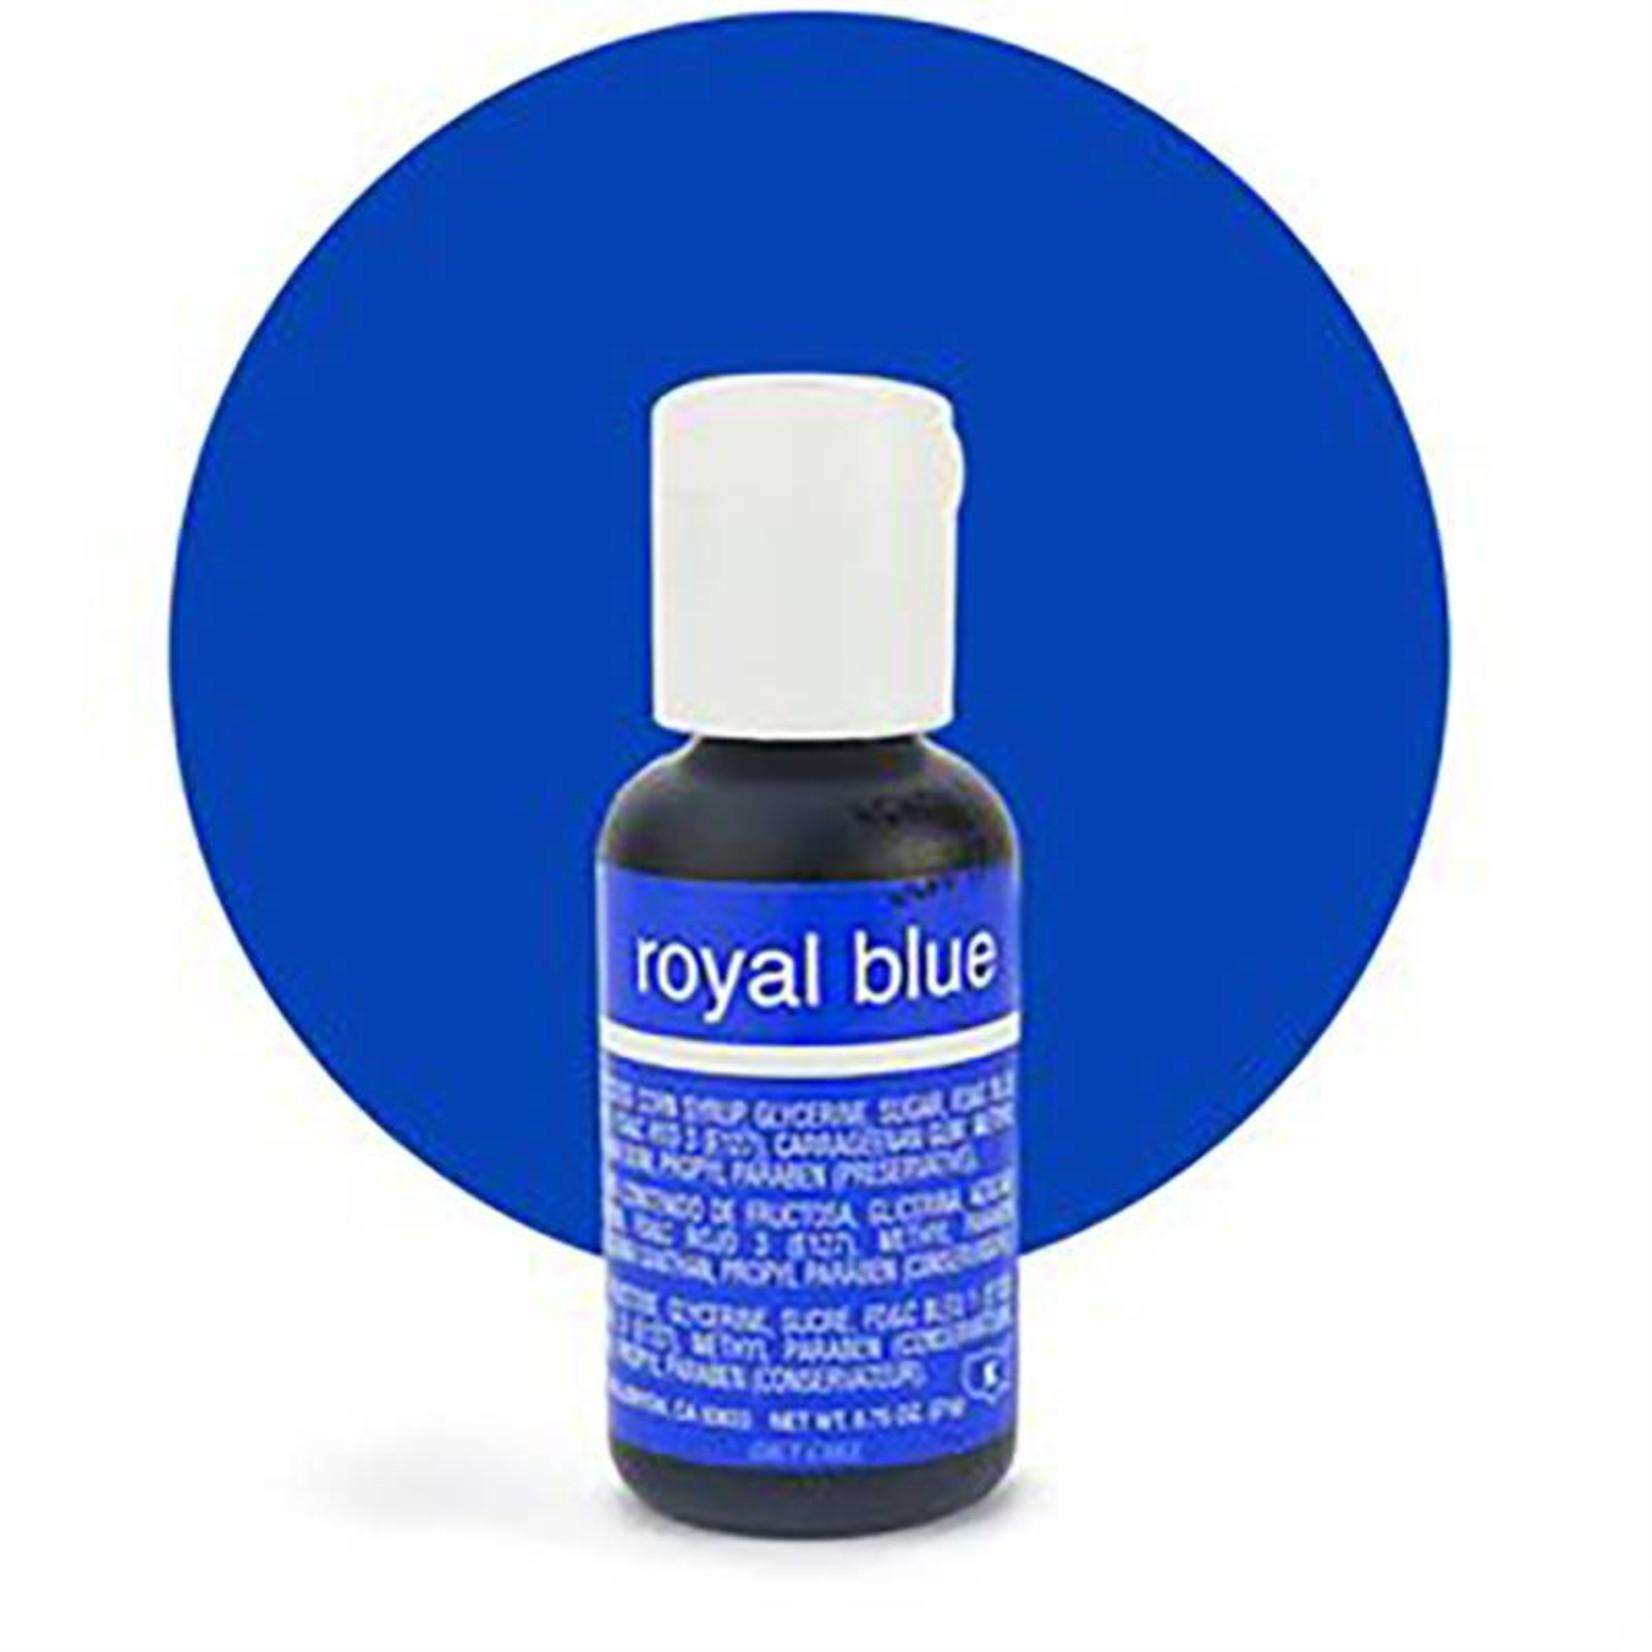 Chefmaster Chefmaster - Royal Blue Gel food color - 0.70oz